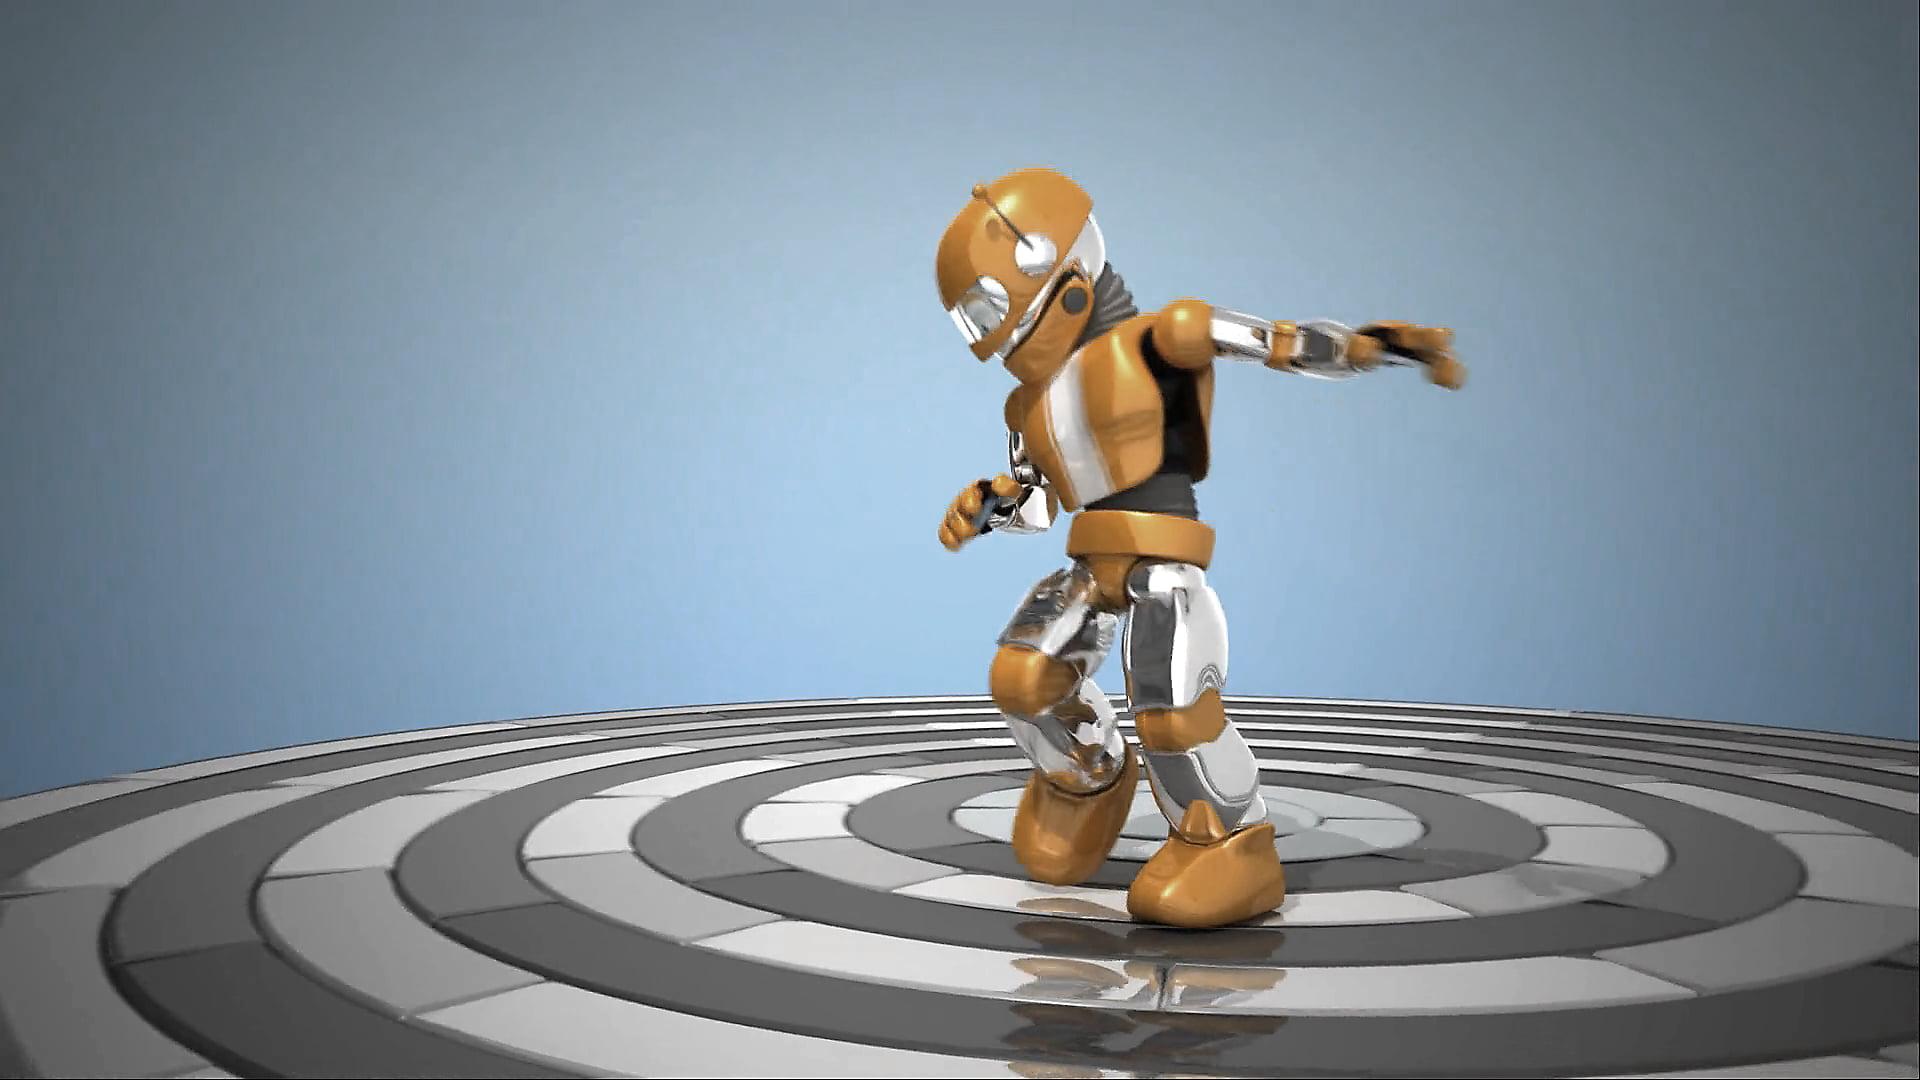 stillrobot